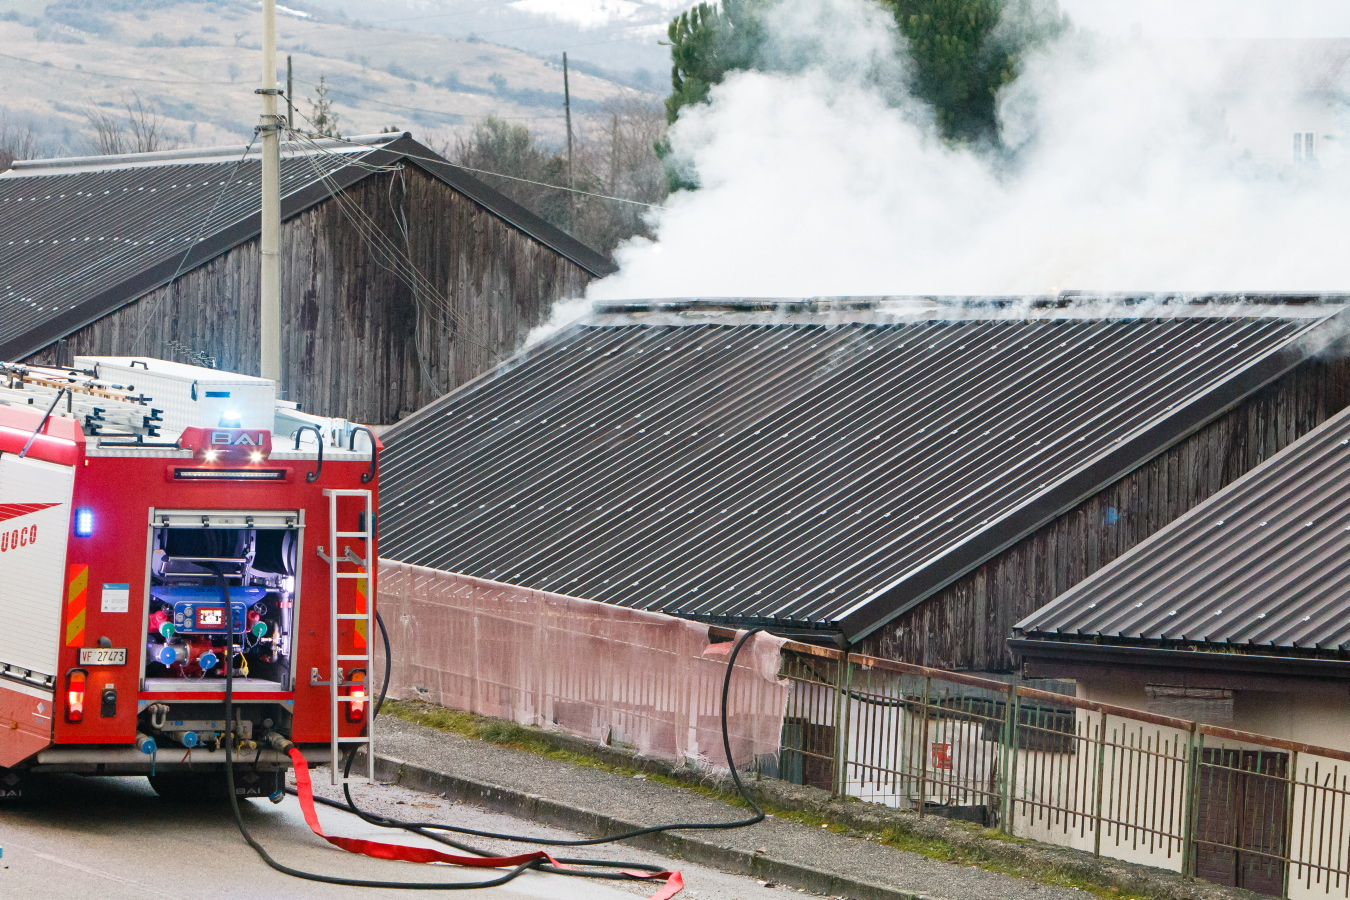 FOTO – Potenza, fiamme a Bucaletto: paura nella cittadella dei terremotati